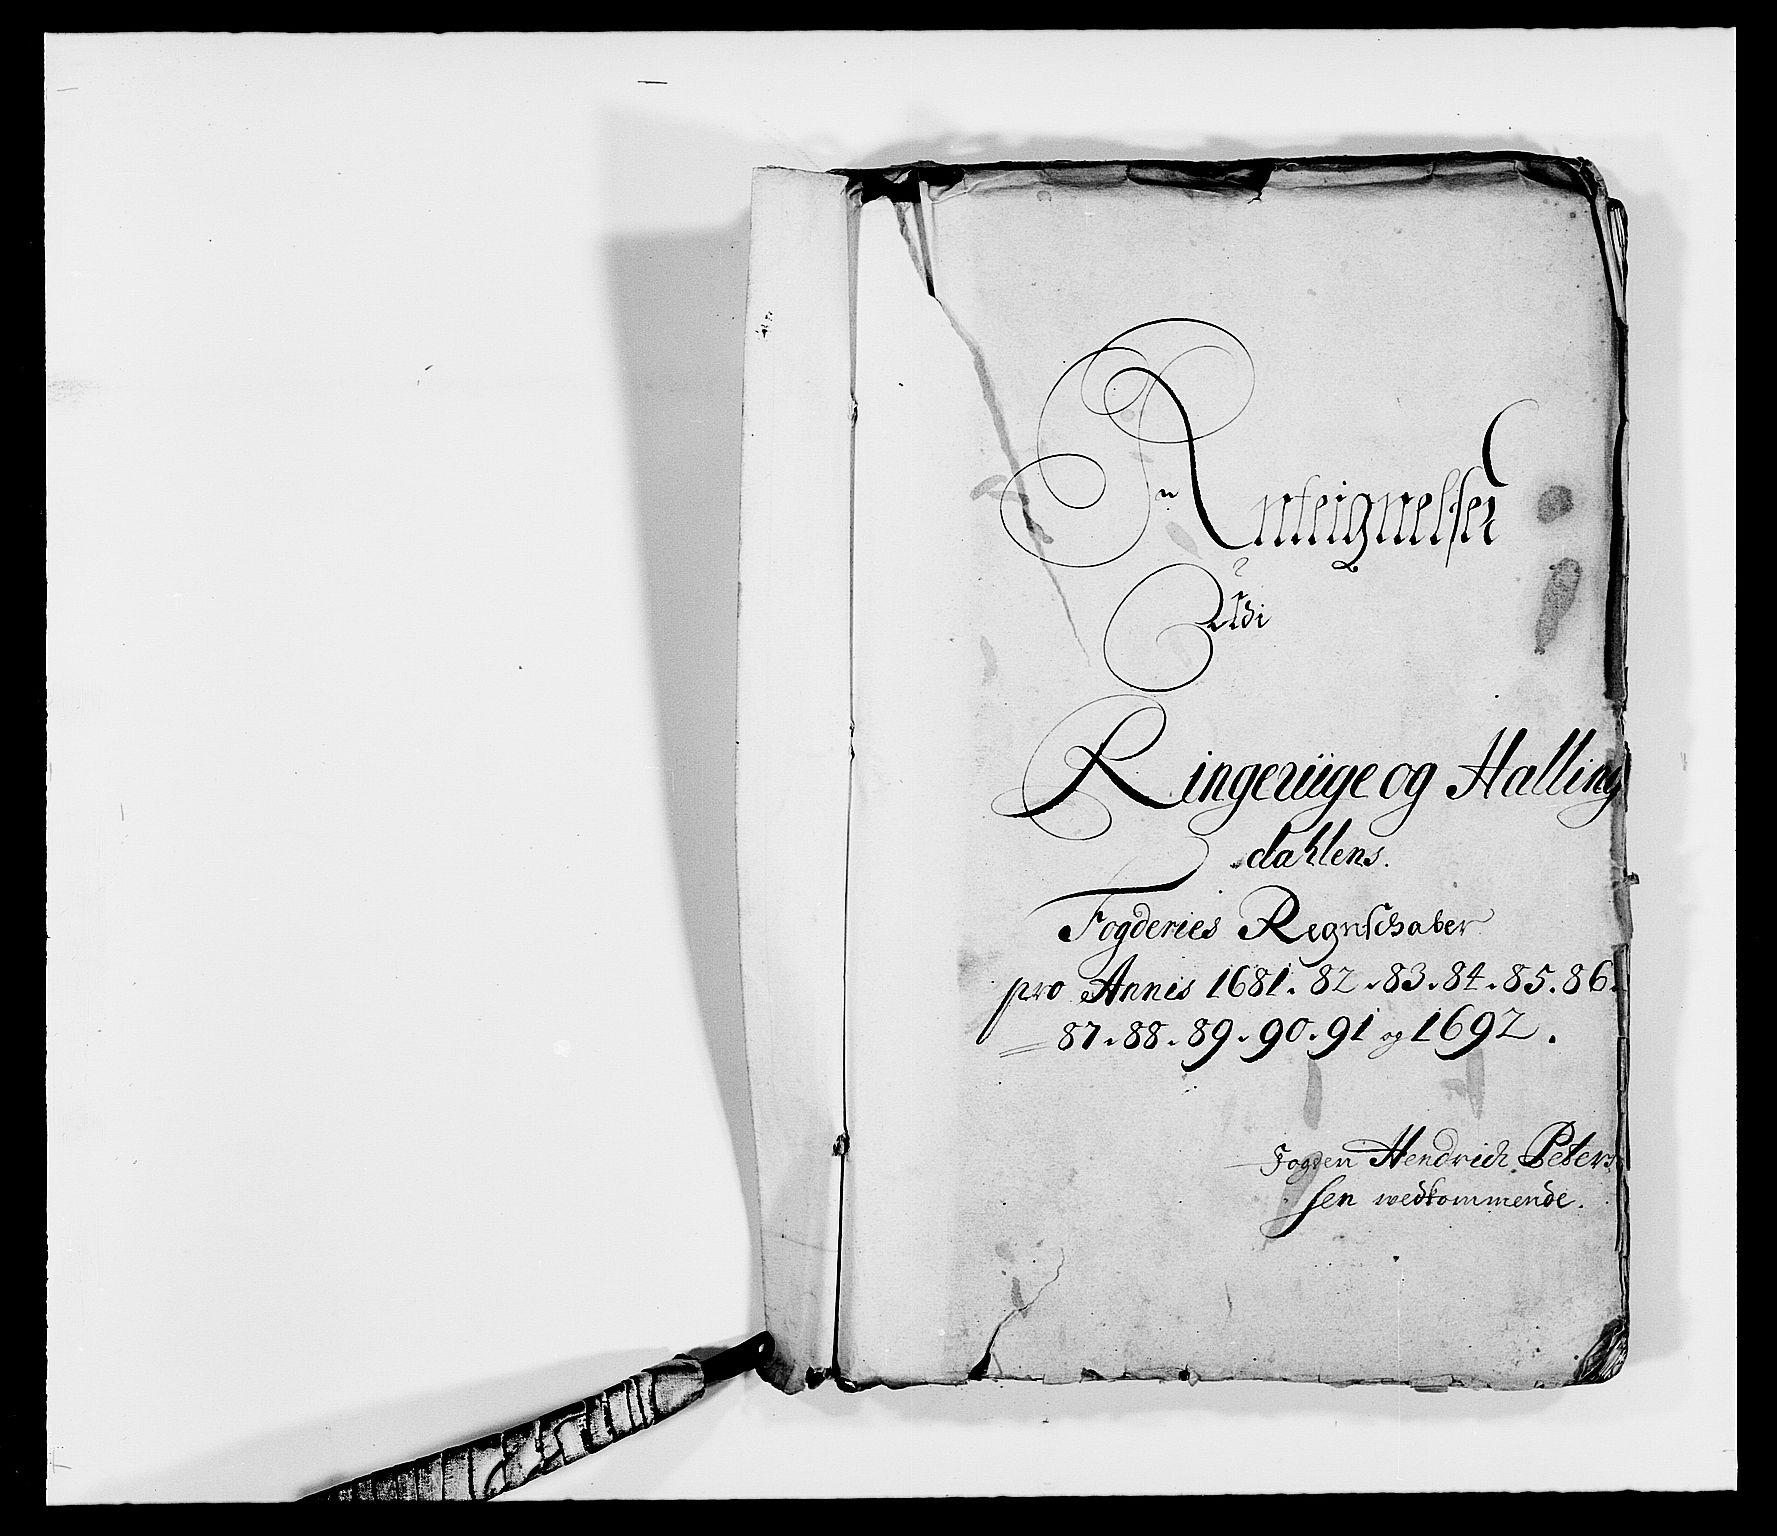 RA, Rentekammeret inntil 1814, Reviderte regnskaper, Fogderegnskap, R21/L1449: Fogderegnskap Ringerike og Hallingdal, 1690-1692, s. 203